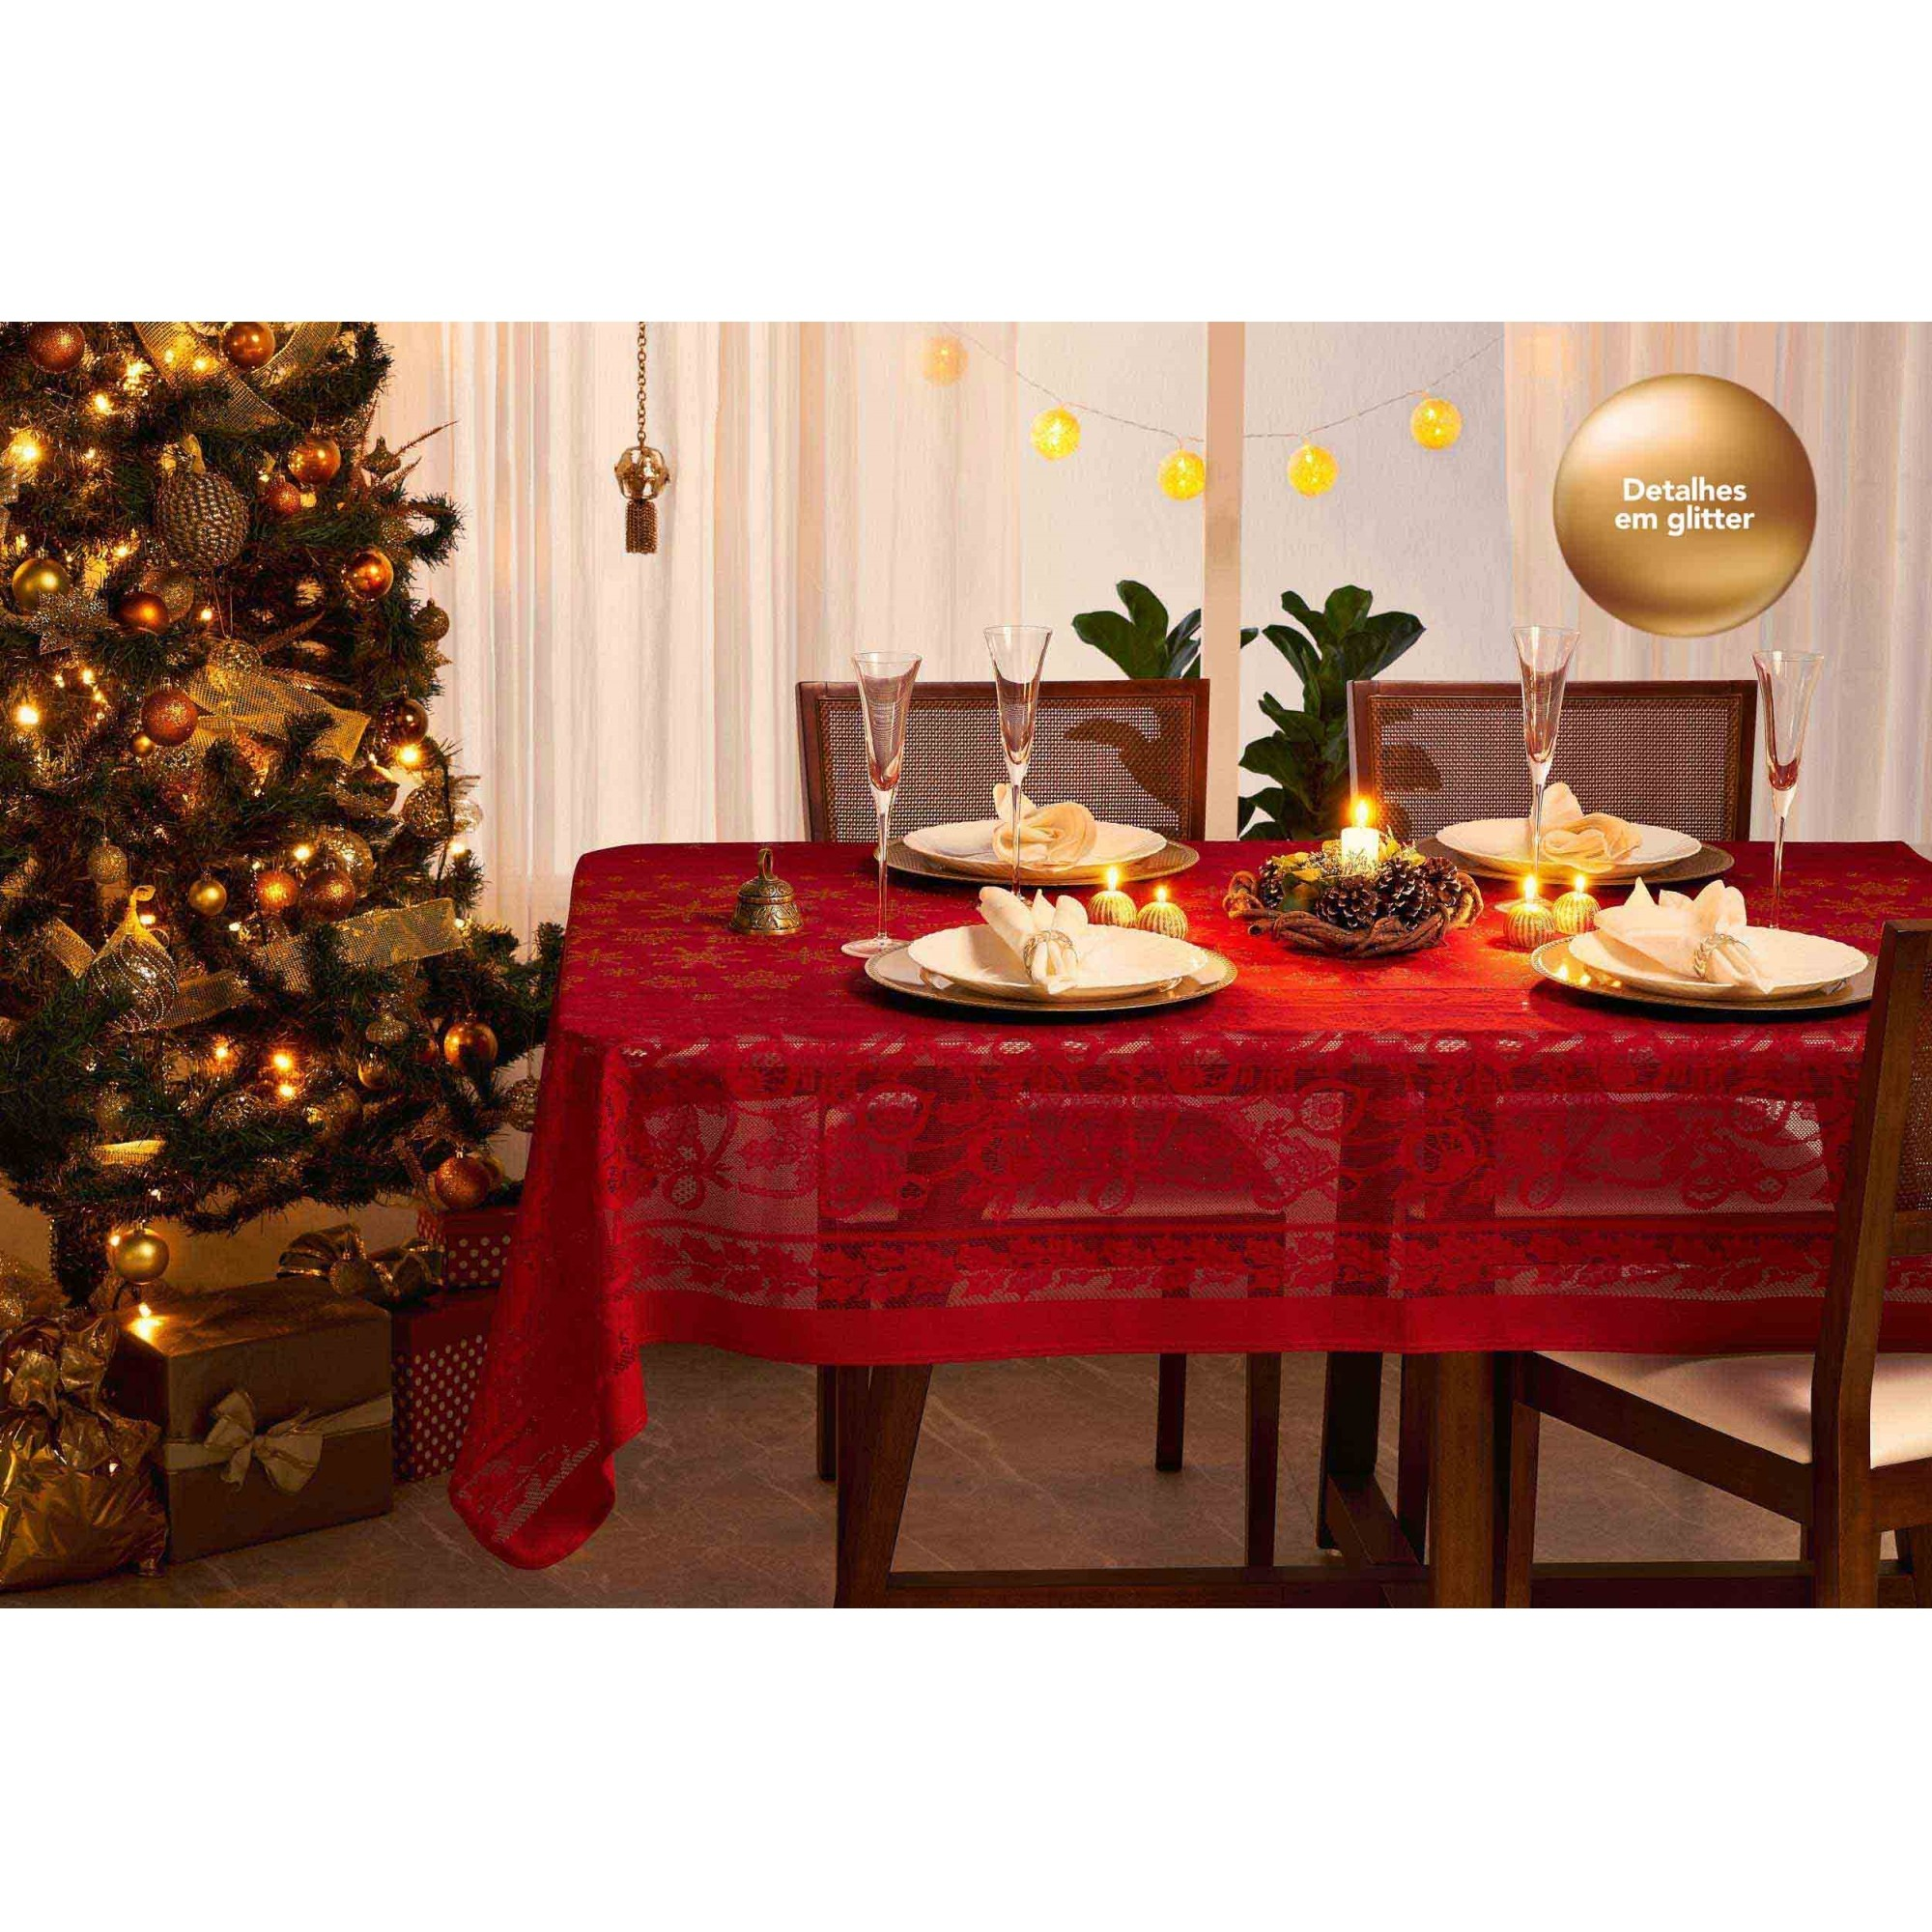 Toalha de Mesa de Renda Cristal Natal Retangular 10 Lugares 35304 Lepper